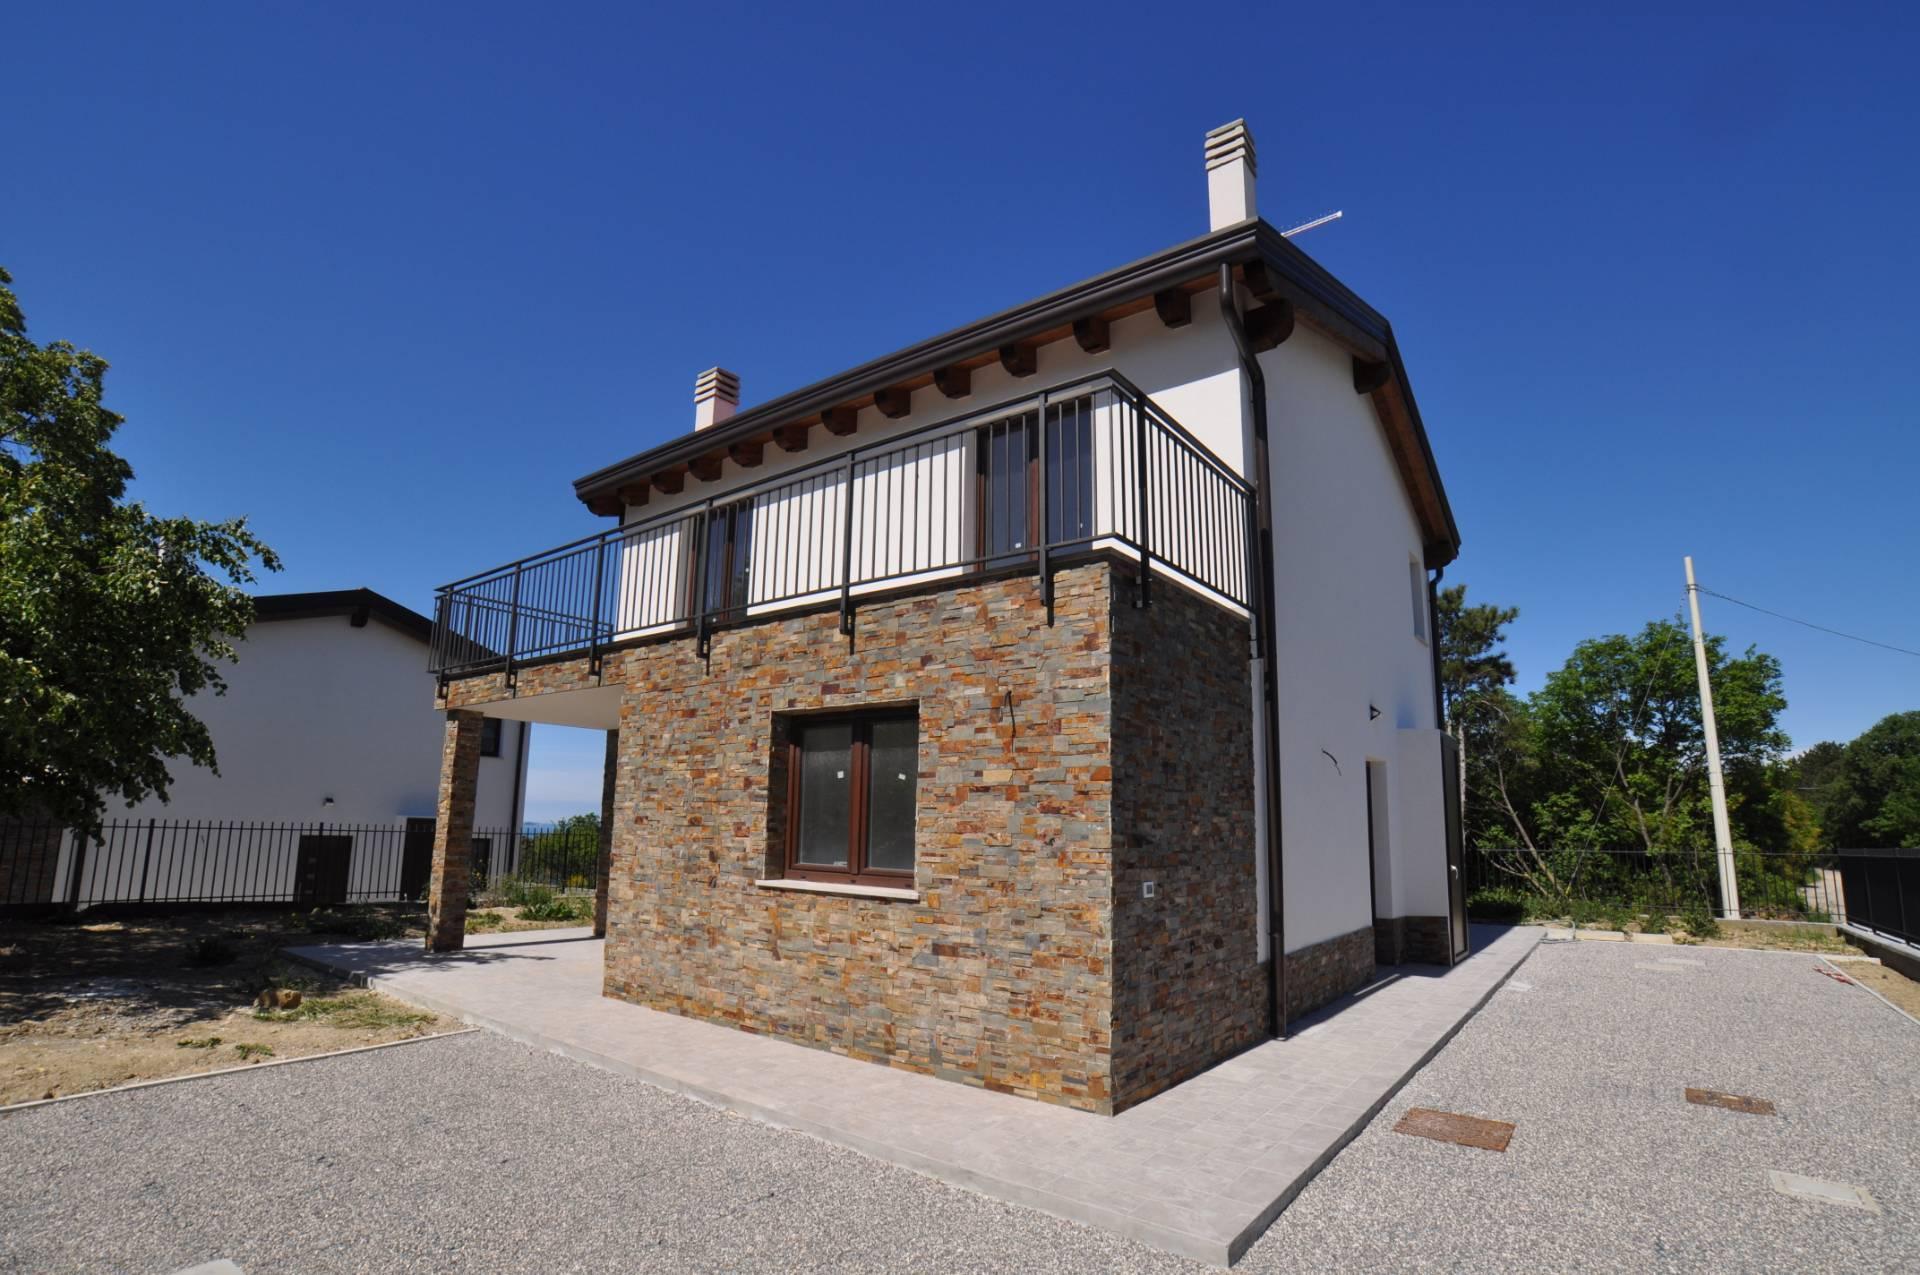 Villa in vendita a Muggia (TS)